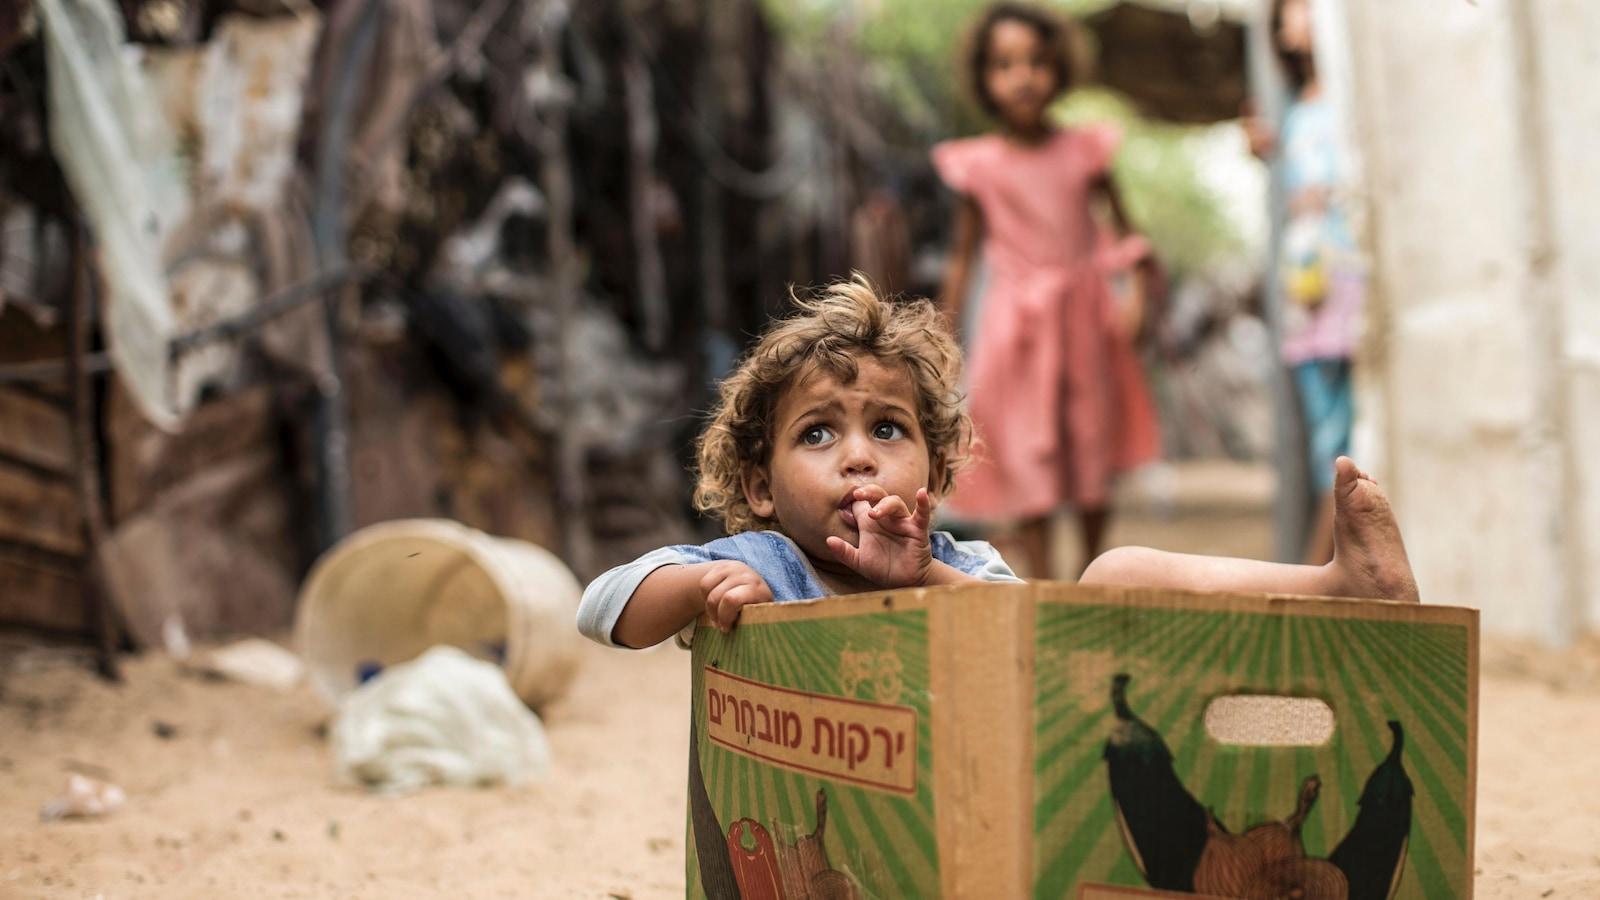 Un enfant dans une boîte de carton